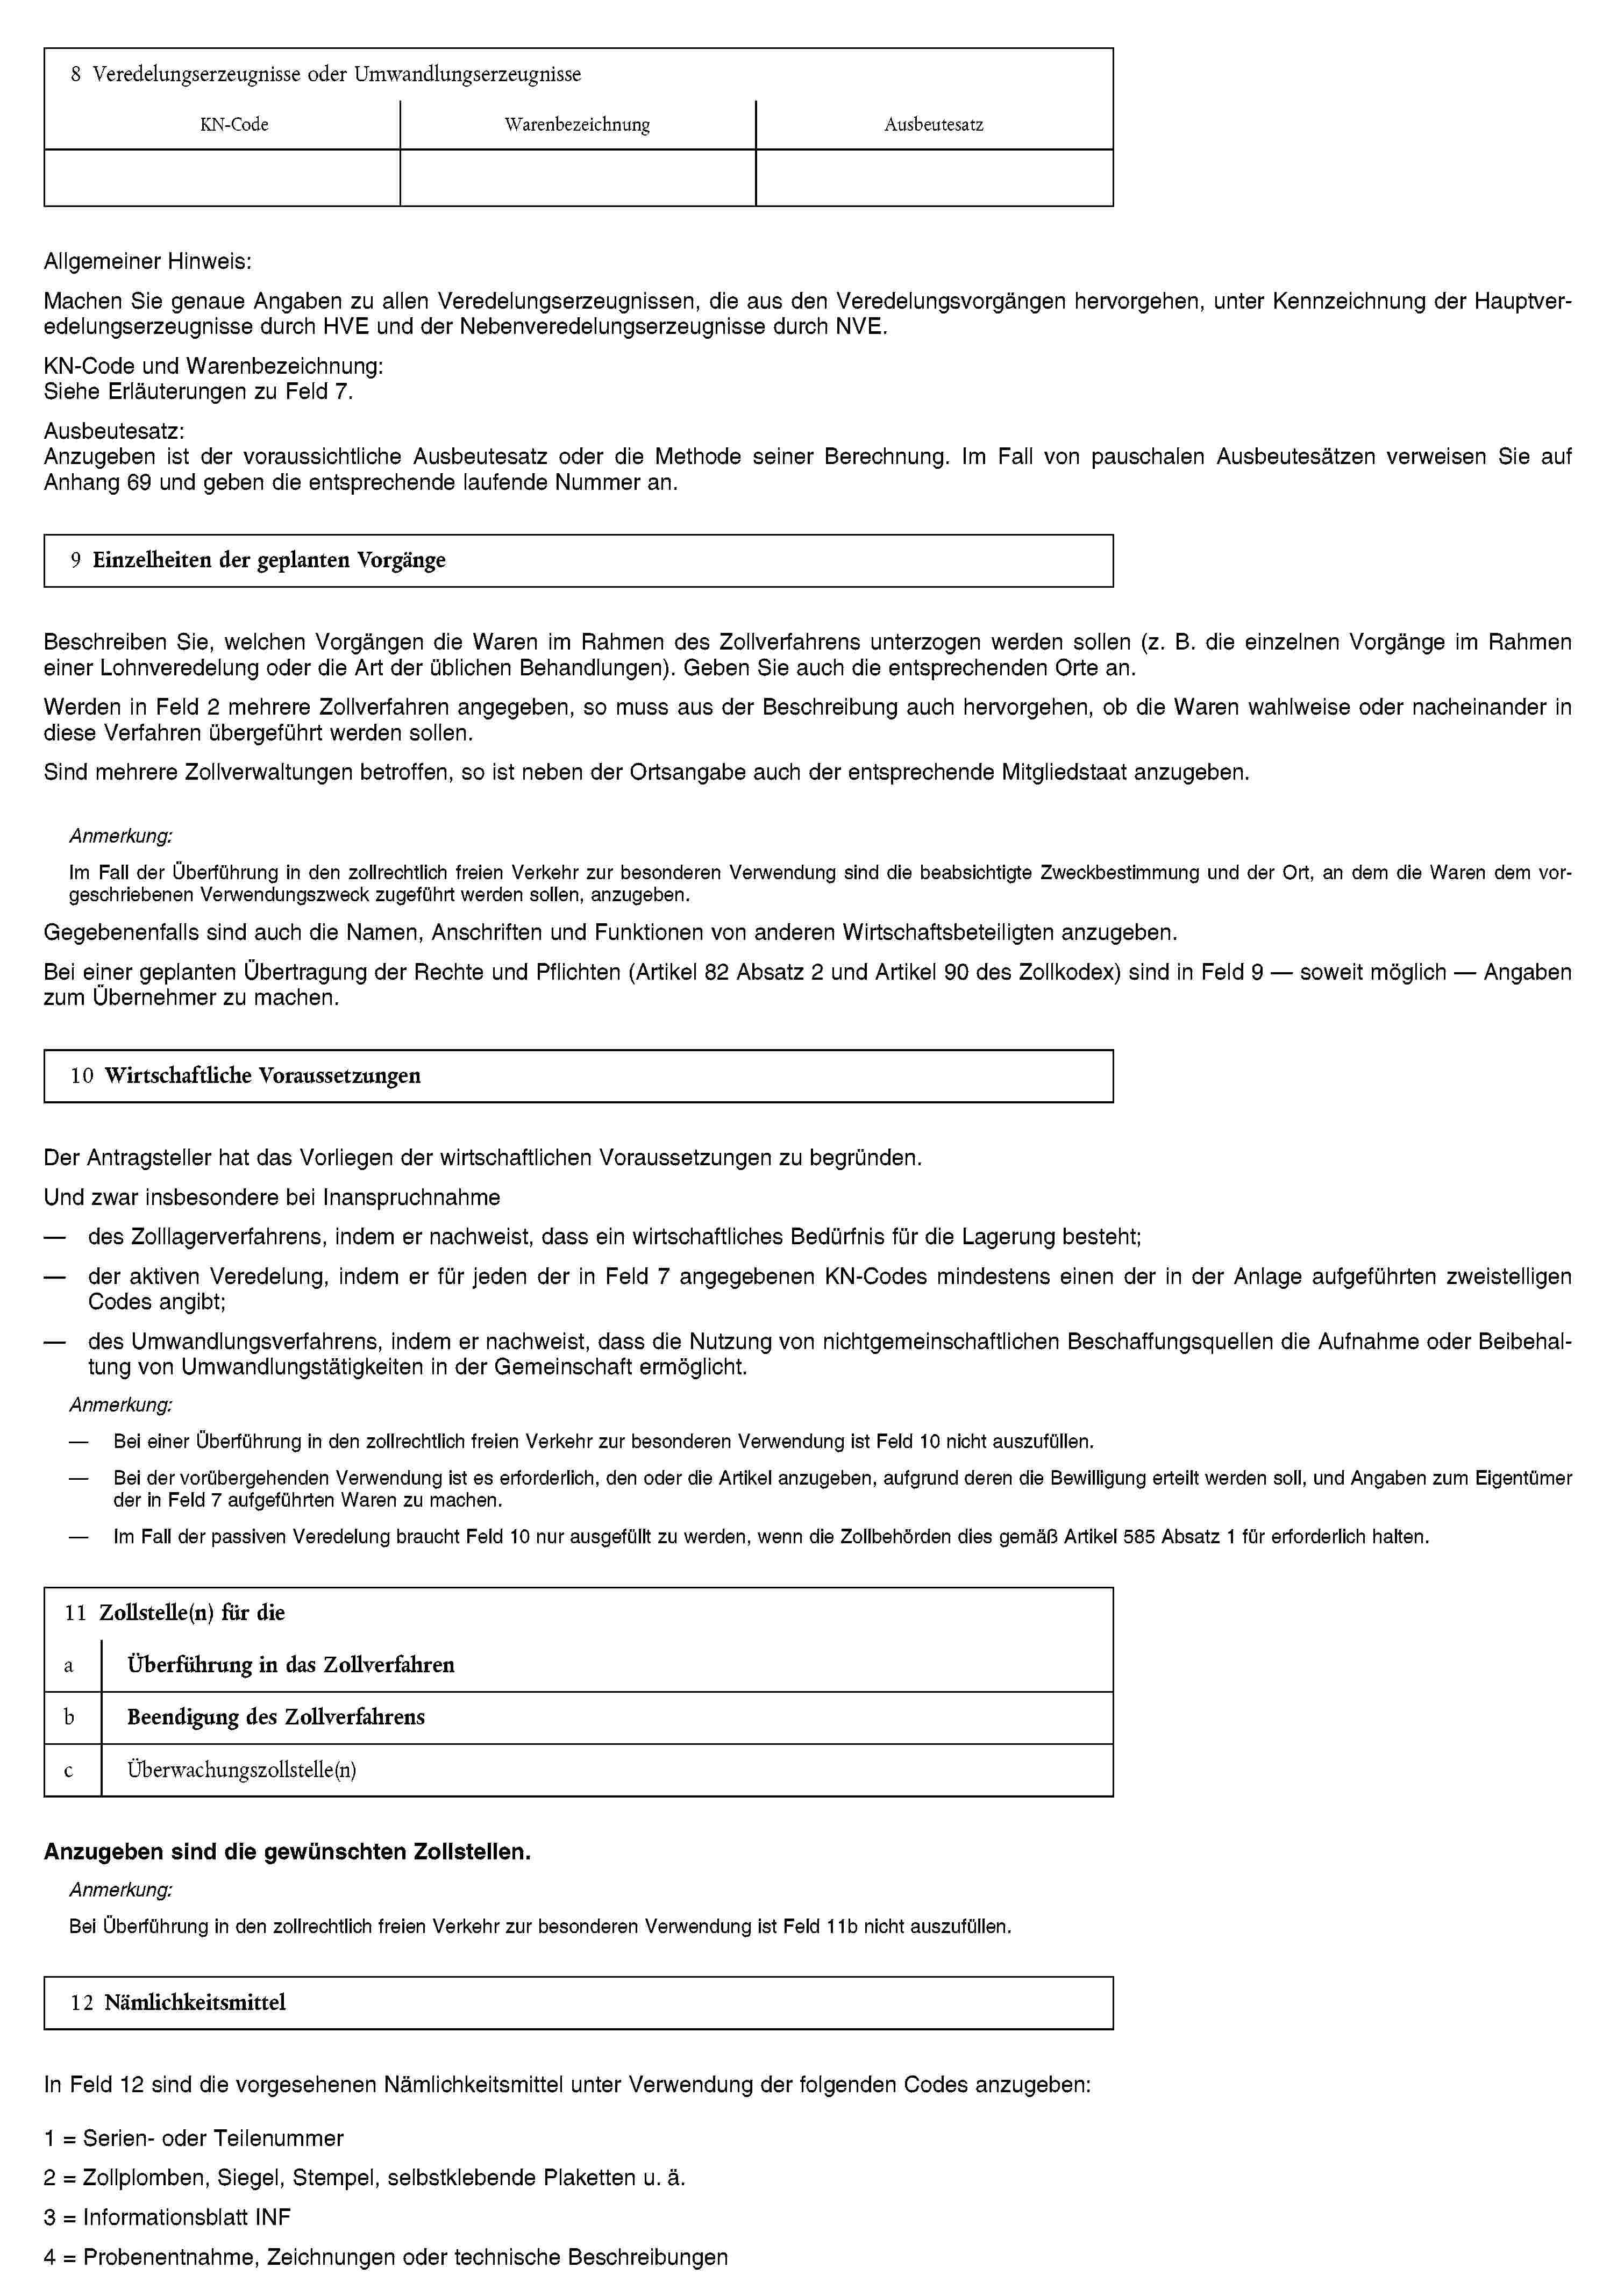 Ausgezeichnet Schülerbericht Vorlage Wort Zeitgenössisch - Entry ...